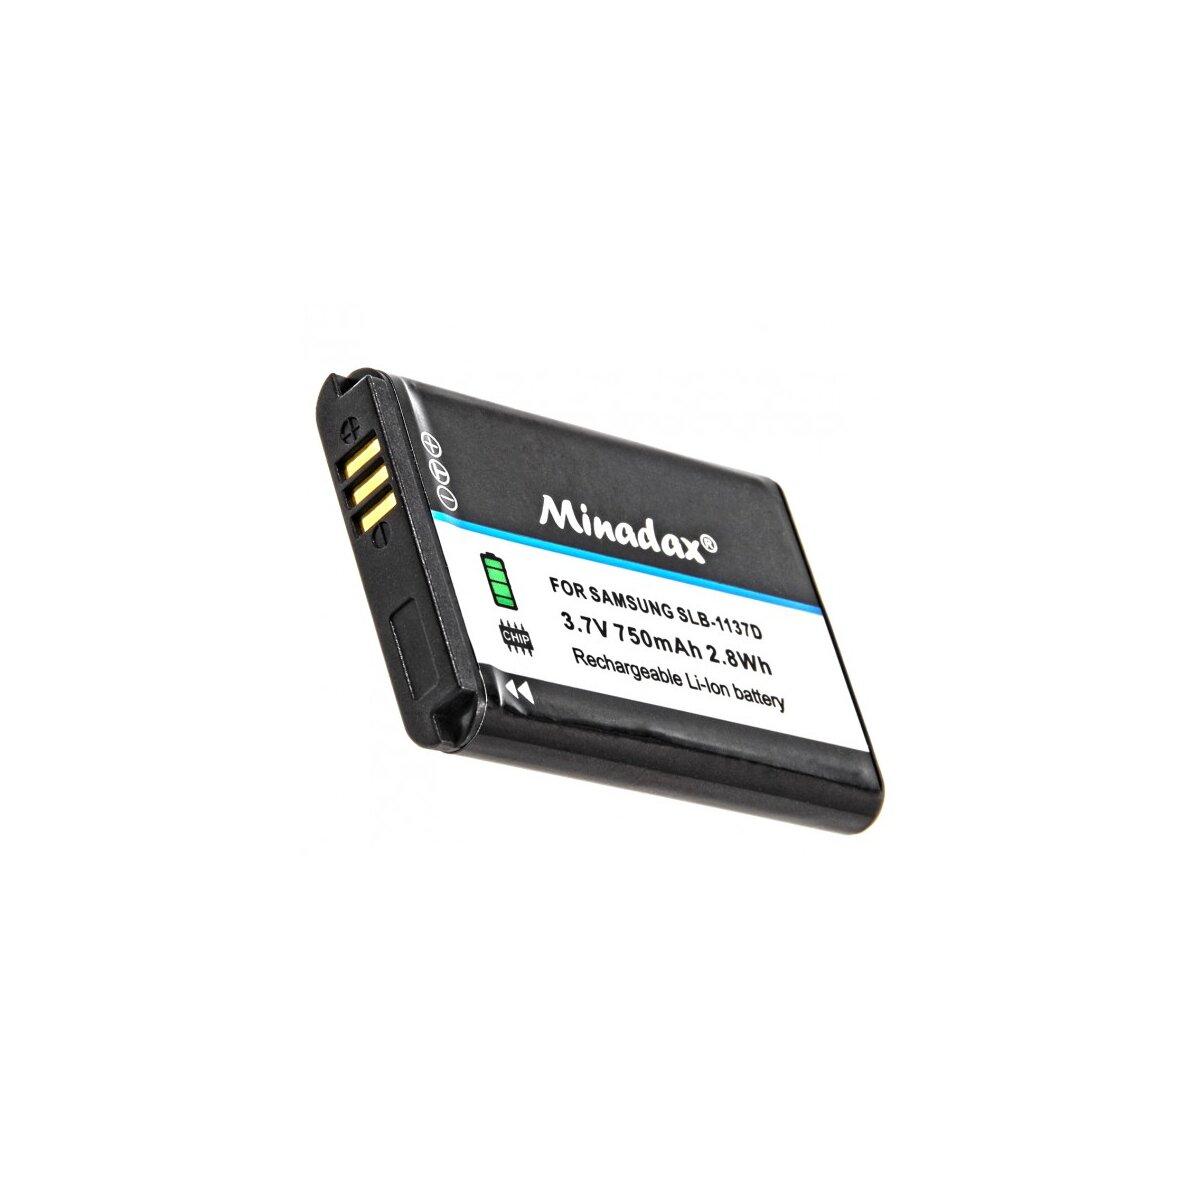 2x Minadax® Qualitaetsakku mit echten 750 mAh fuer Samsung Digimax i85 L74w L210 NV11 NV24HD NV30 NV40 NV100HD, wie SLB-1137D - Intelligentes Akkusystem mit Chip